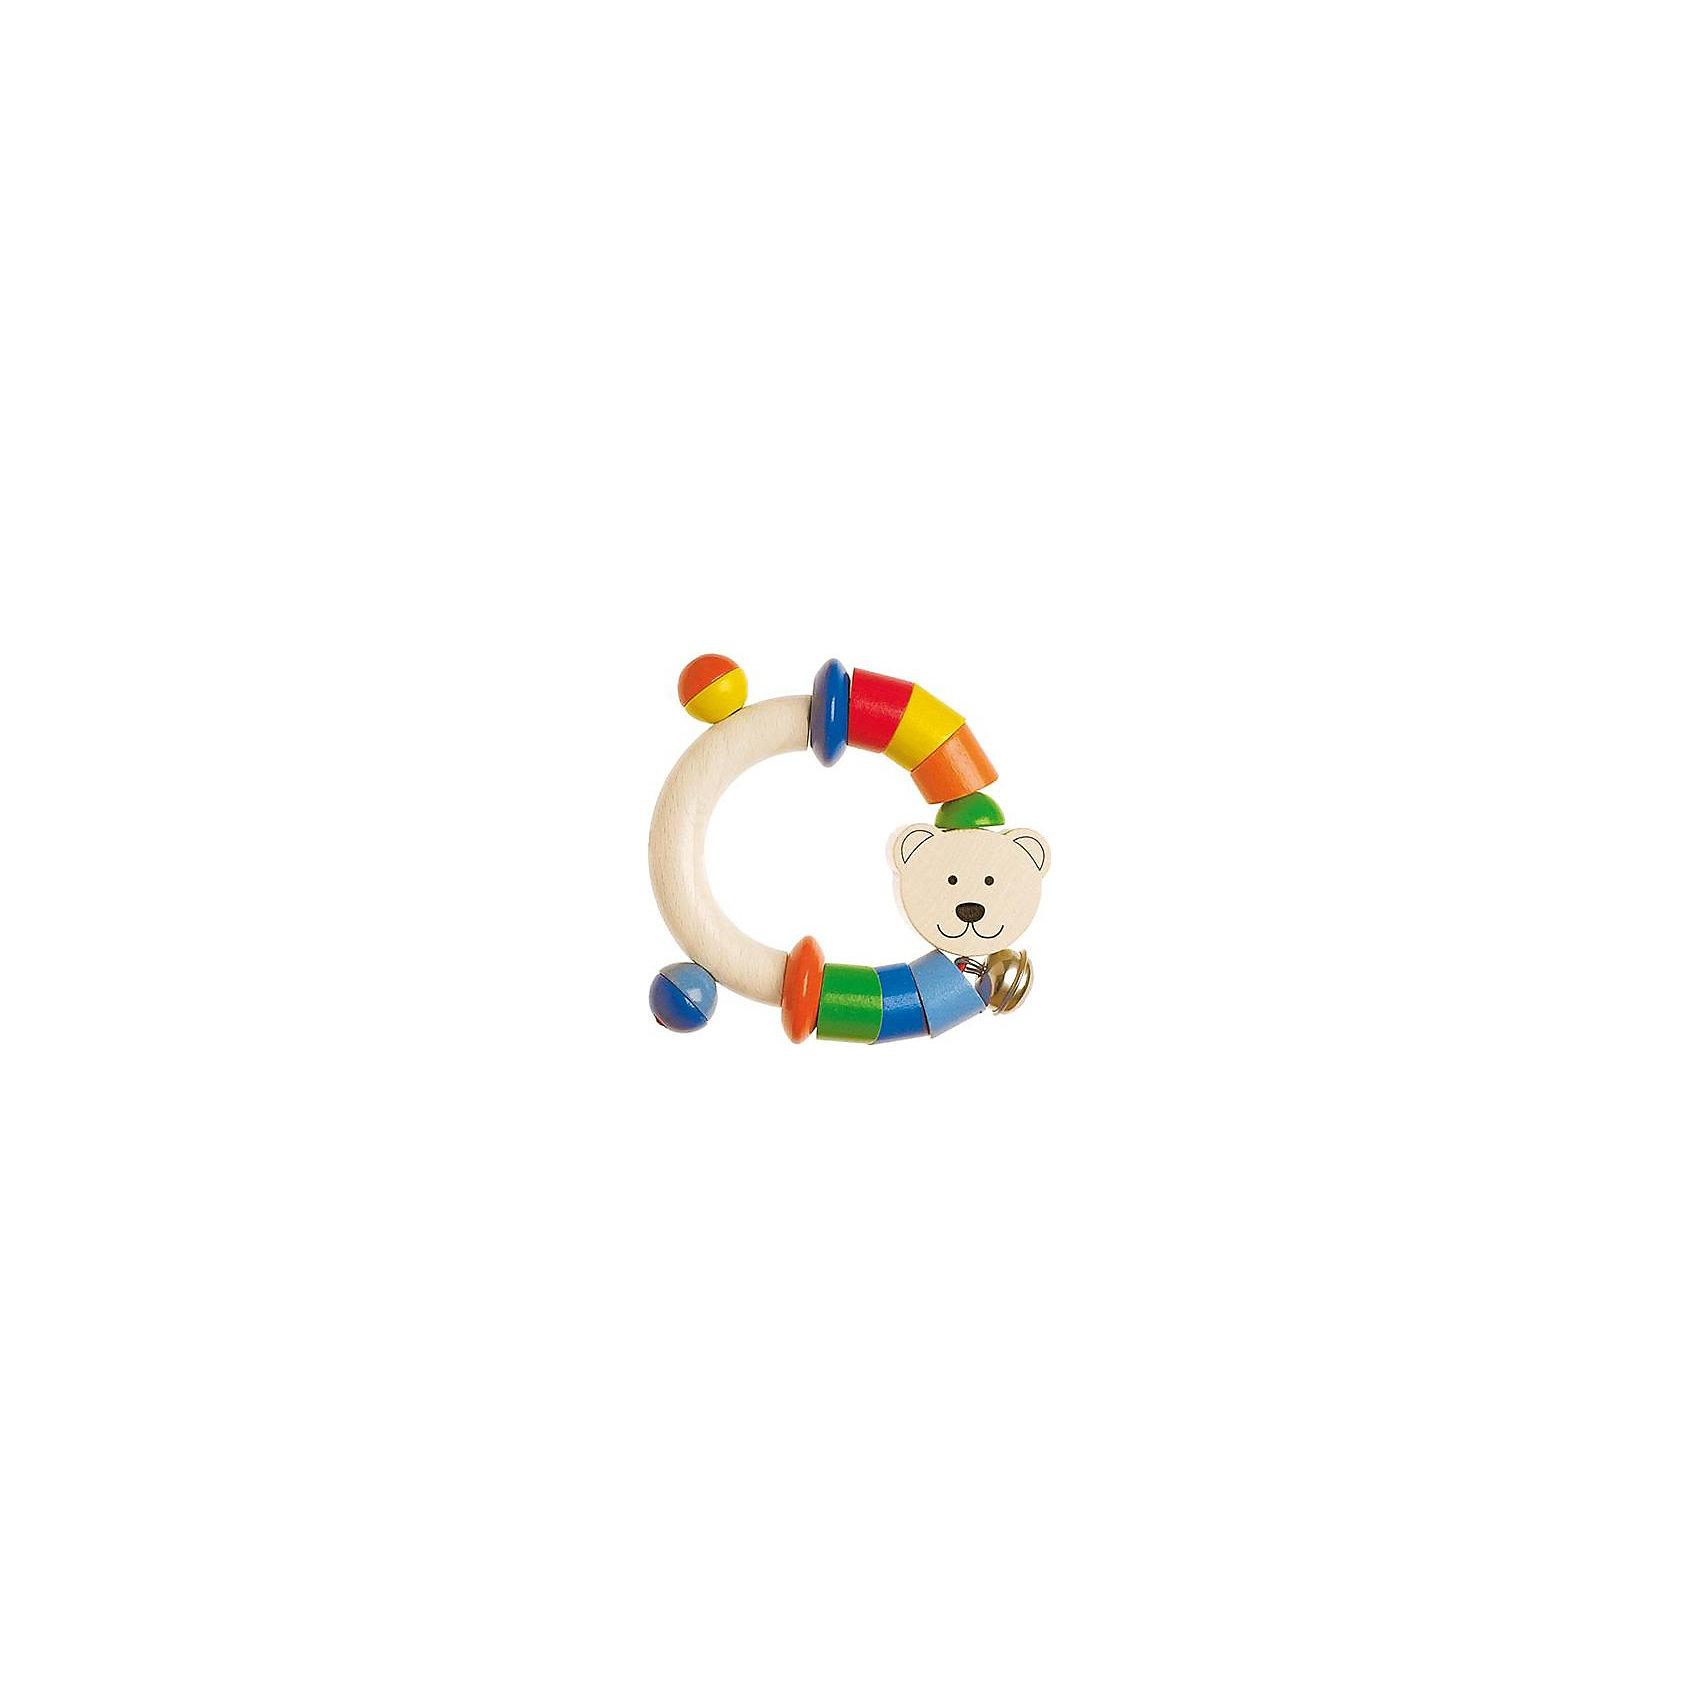 Игрушка-полукольцо  Мишка, HEIMESSРазвивающие игрушки<br>Игрушка-полукольцо  Мишка, HEIMESS (ХАЙМЕСС) - это качественная, красивая деревянная игрушка для малышей.<br>Игрушка-полукольцо  Мишка от немецкого бренда HEIMESS (ХАЙМЕСС), наверняка, понравится Вашему малышу – эту игрушку так и хочется взять в руки! Она состоит из деревянного полукольца, разноцветных элементов в виде деревянных колечек, дисков и дополнена мордочкой медвежонка и колокольчиком. Колечки и диски скреплены на эластичном шнуре. Игрушка сделана из качественной древесины и покрыта стойкими безопасными красками на водной основе. Благодаря этому ребенок может брать ее в рот. Каждый элемент игрушки хорошо отшлифован, поэтому он гладкий и без сколов. Игрушка-полукольцо  Мишка развивает мелкую моторику рук, ведь малышу будет интересно осмотреть и ощупать маленькими пальчиками разноцветные колечки и диски, услышать приятный звук колокольчика, оттянуть эластичный шнур и понаблюдать, как со звуком он вернется в исходное положение, заставив двигаться детальки. Размер и конструкция игрушки замечательно подходит для маленьких детских ручек, а за деревянное полукольцо очень удобно хвататься. Игрушки от Heimess (Хаймесс) уже больше 50 лет пользуются популярностью у детей и родителей. Они делаются из самых безопасных материалов и тщательно тестируются.<br><br>Дополнительная информация:<br><br>- Возраст: от 0 лет<br>- Материал: древесина, стойкие краски на водной основе<br>- Диаметр: 9,5 см.<br><br>Игрушку-полукольцо  Мишка, HEIMESS (ХАЙМЕСС) можно купить в нашем интернет-магазине.<br><br>Ширина мм: 120<br>Глубина мм: 15<br>Высота мм: 180<br>Вес г: 44<br>Возраст от месяцев: 0<br>Возраст до месяцев: 12<br>Пол: Унисекс<br>Возраст: Детский<br>SKU: 2250256